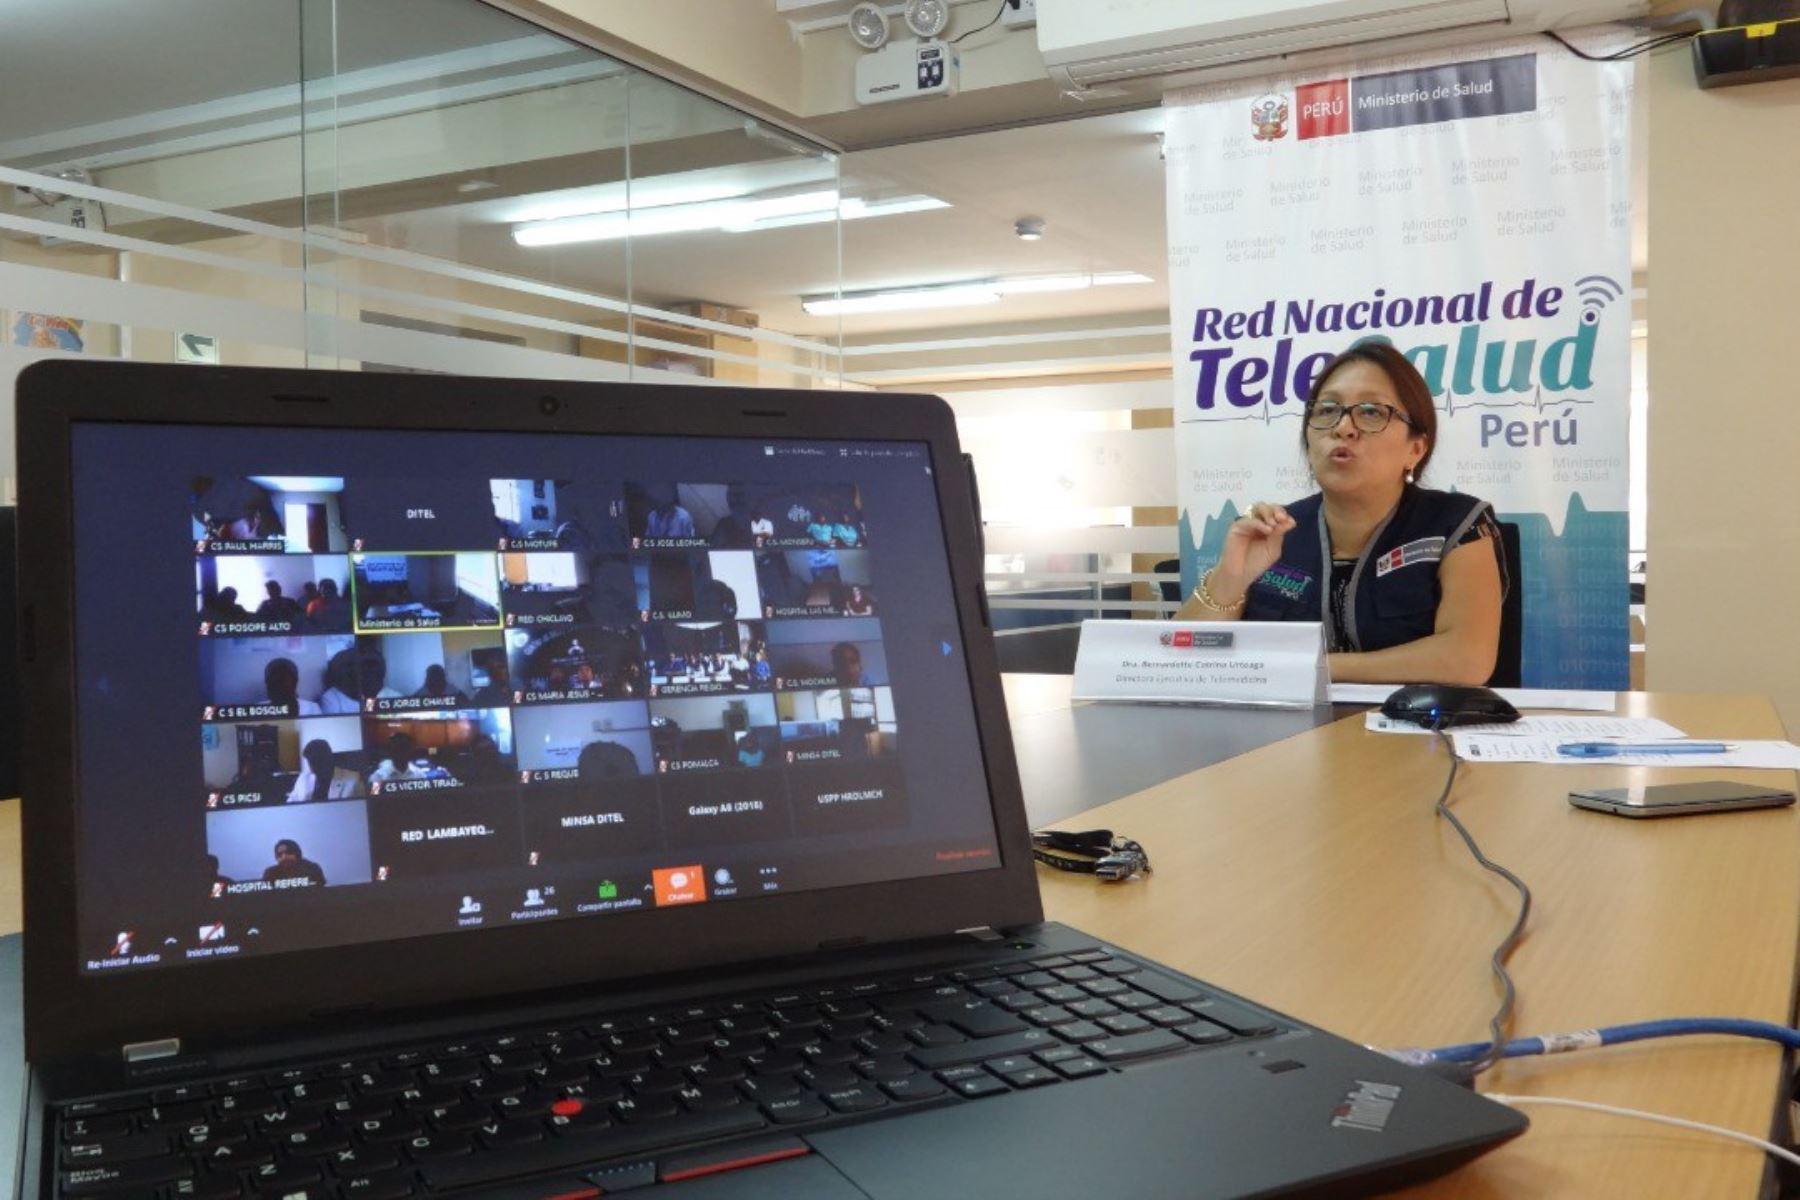 El Ministerio de Salud (Minsa) cuenta con la Red Pública de Telesalud más grande de Latinoamérica, dado que a la fecha esta plataforma sanitaria alberga a 1,101 establecimientos interconectados en las 24 regiones del país, que funcionan como teleconsultantes y teleconsultores. Foto: Minsa